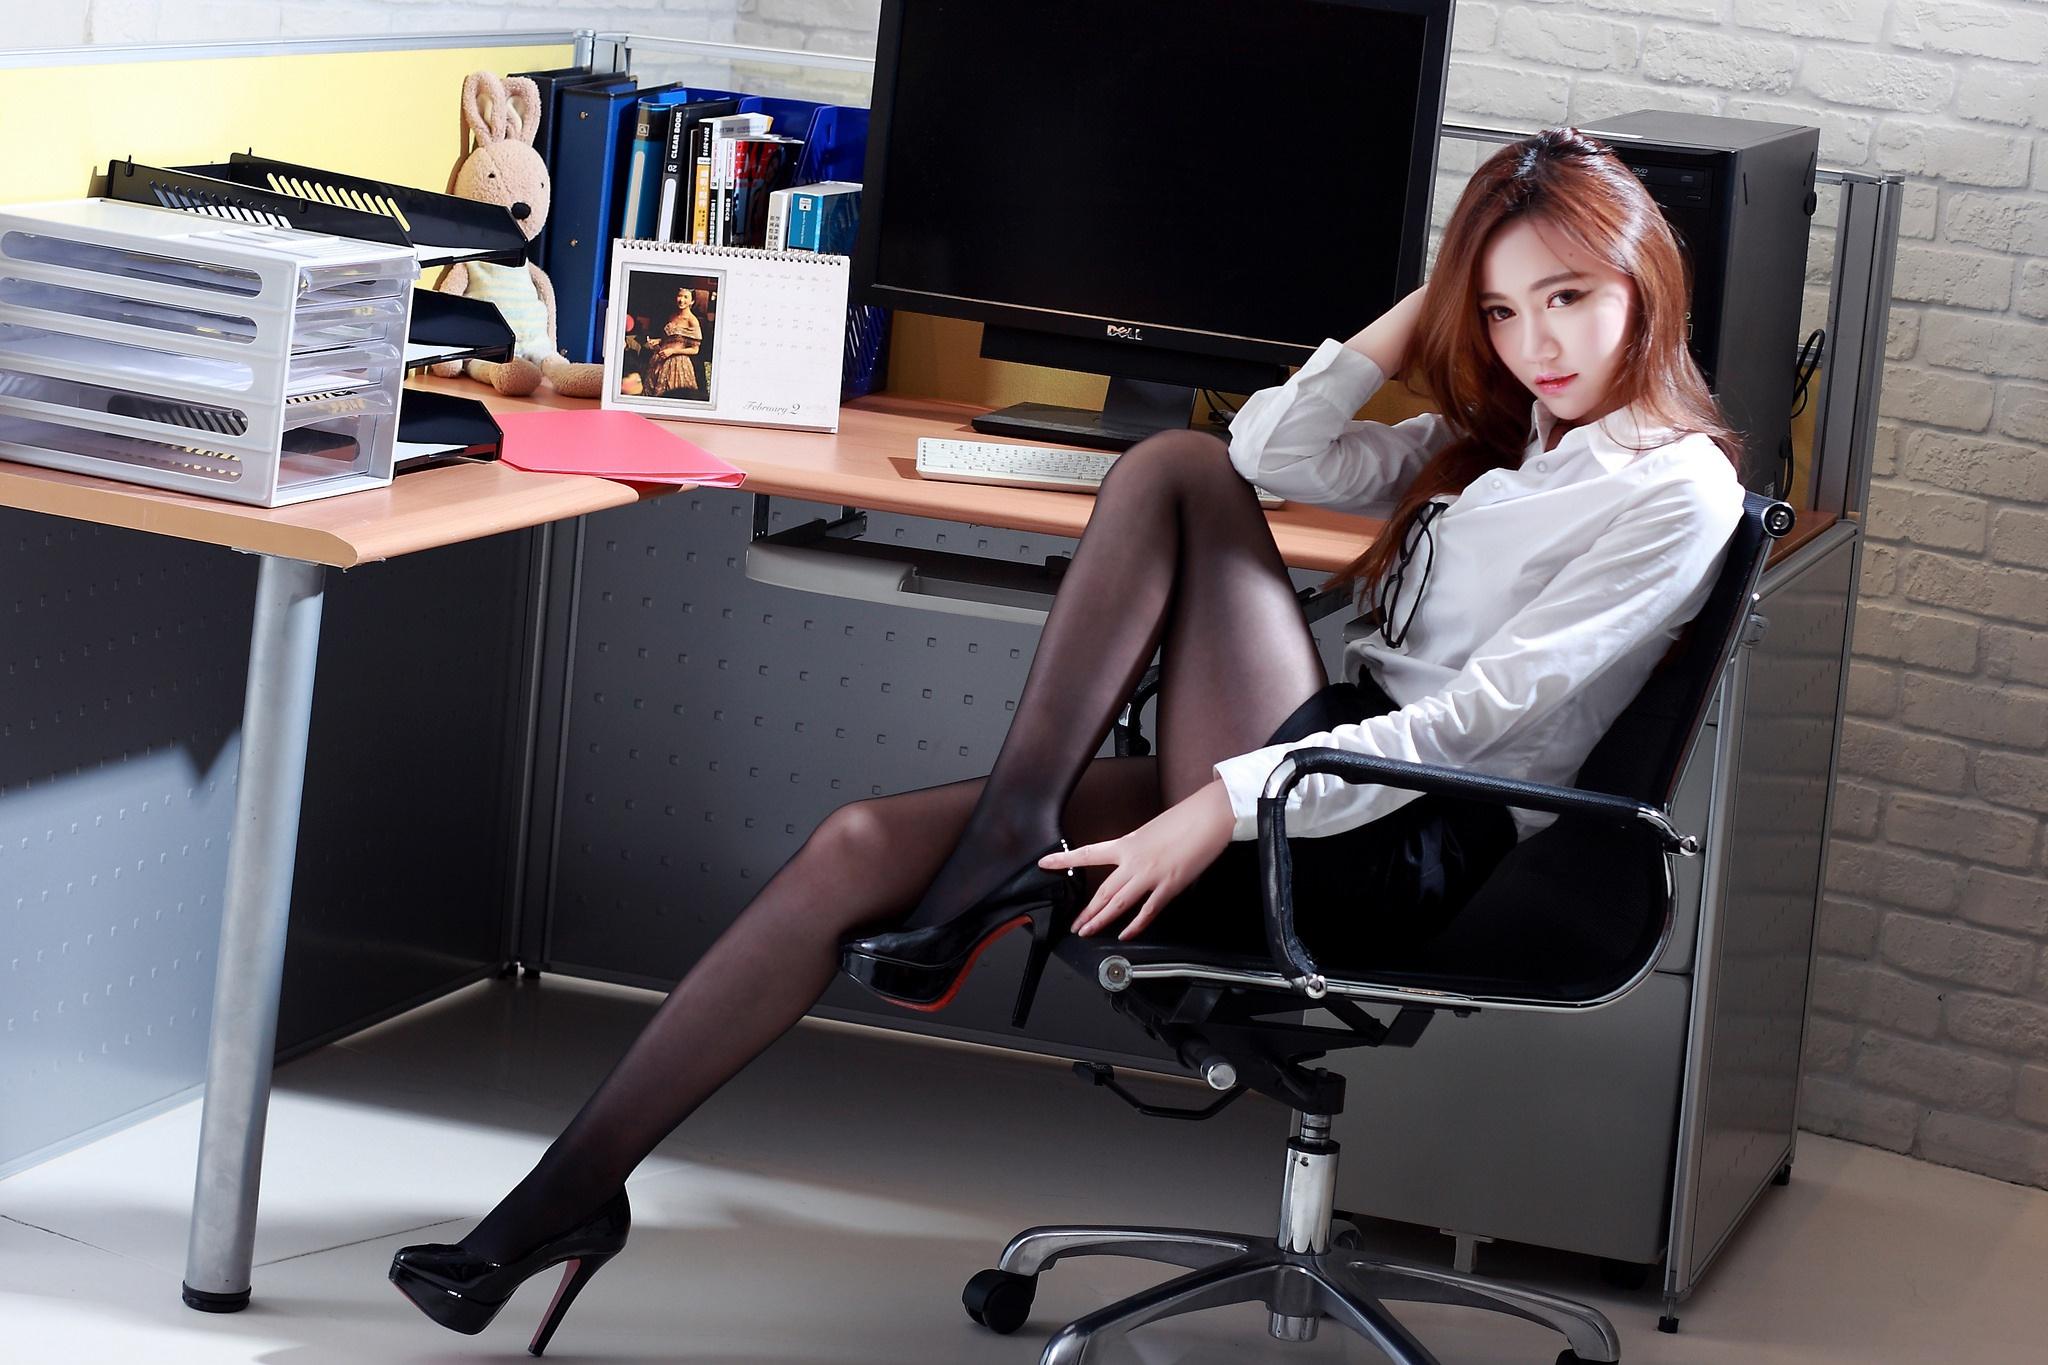 офисные работники под юбками - 8